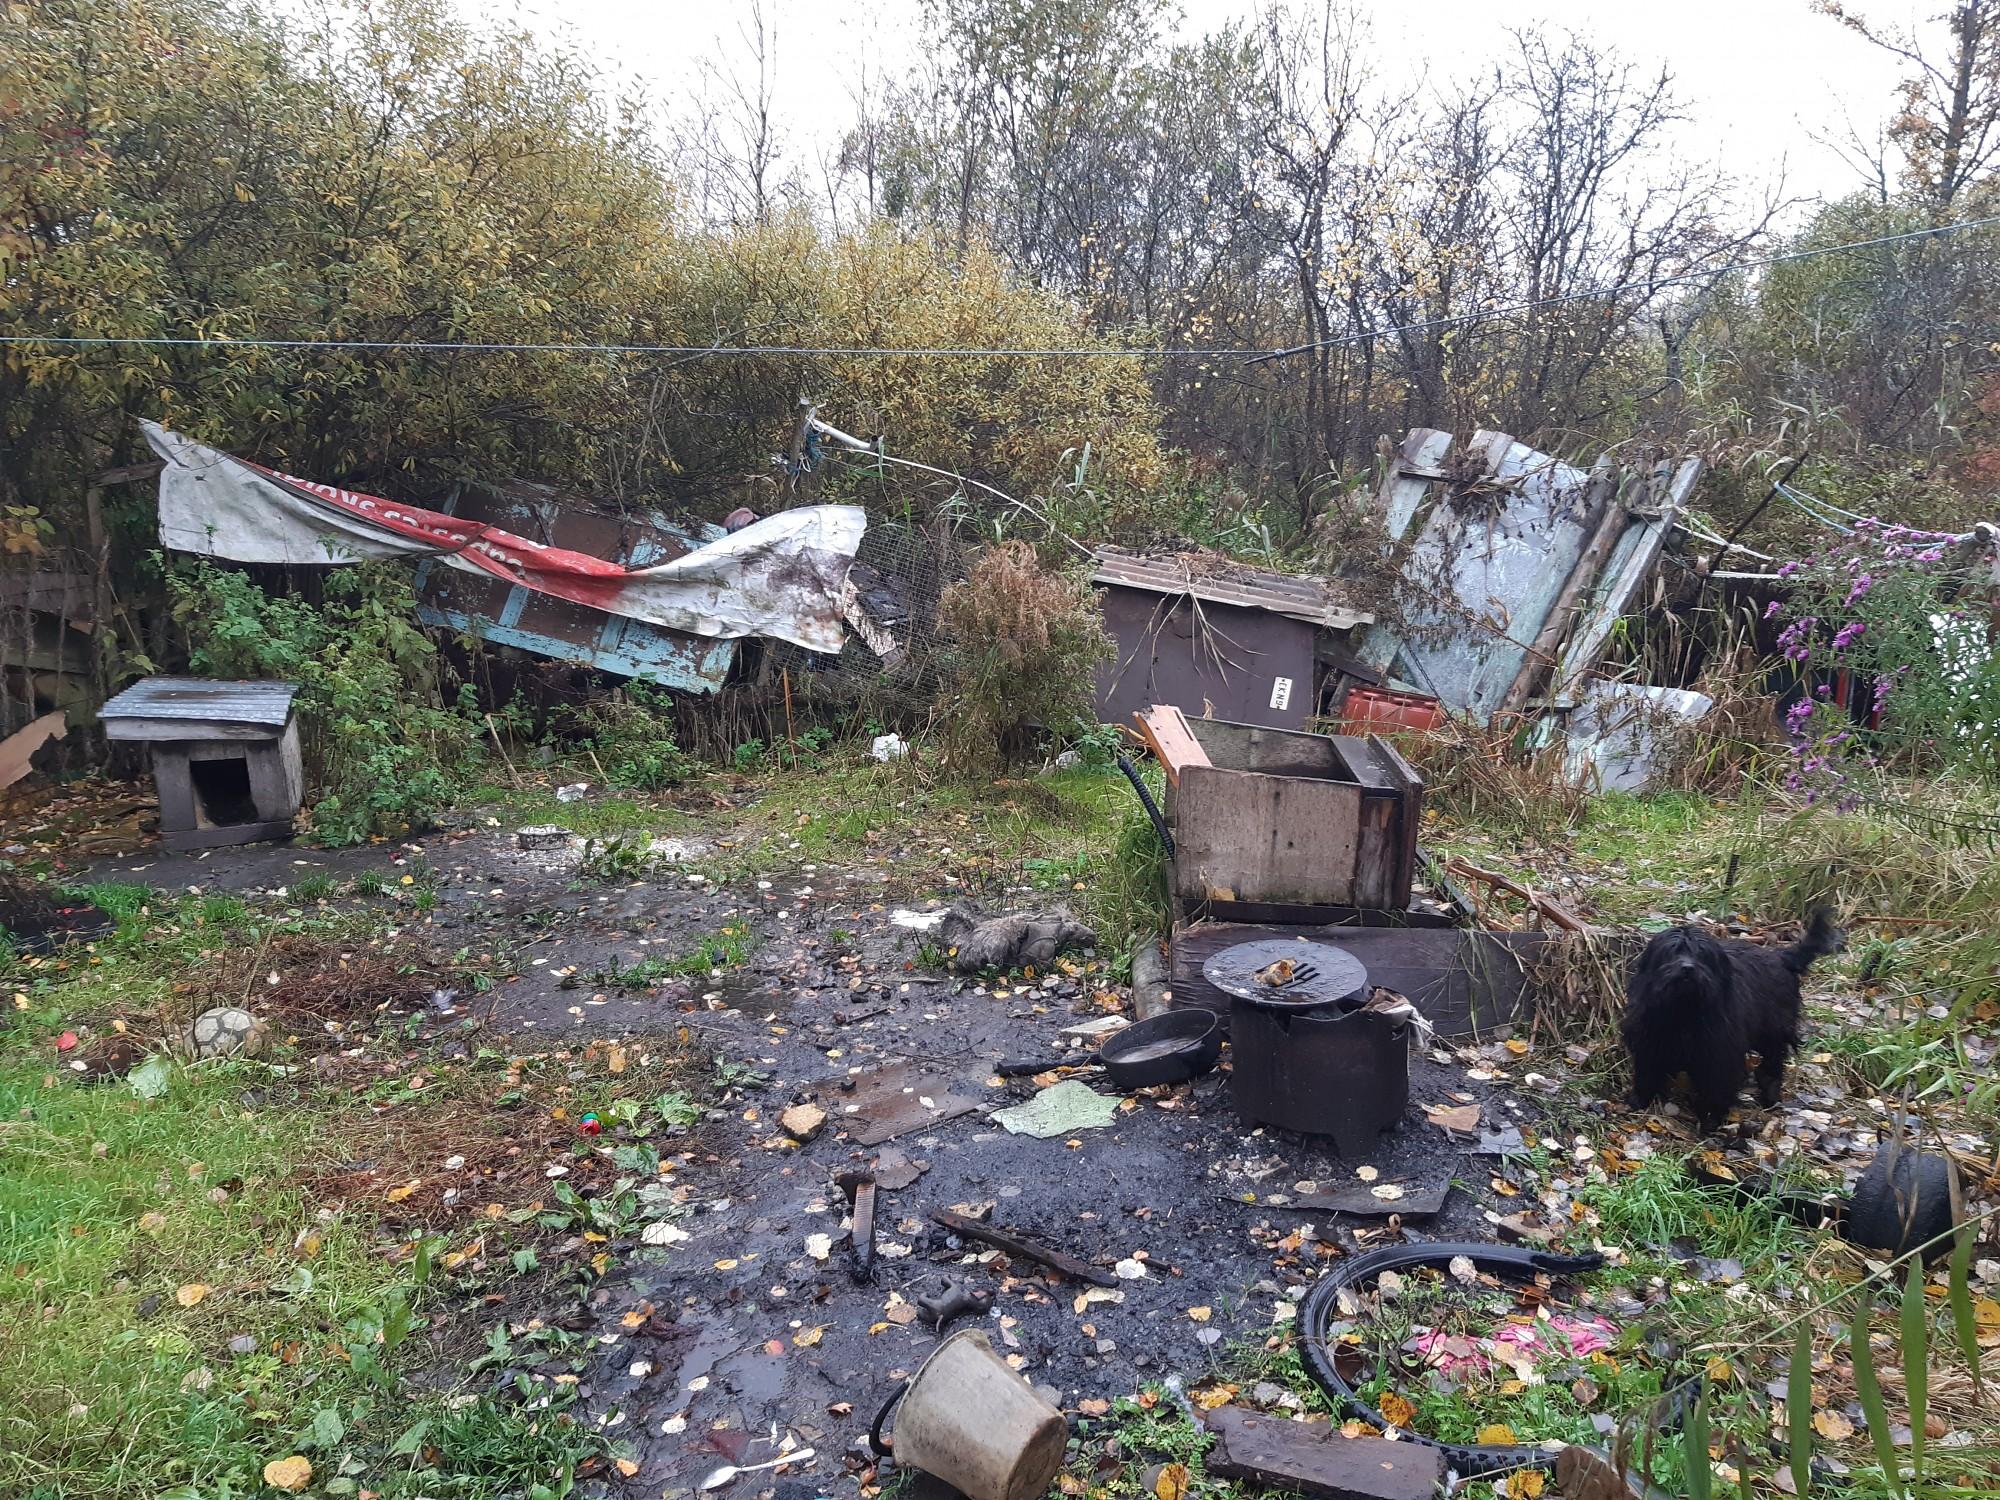 Belka un Strelka no Zaļās birzes mazdārziņiem nonāk patversmē